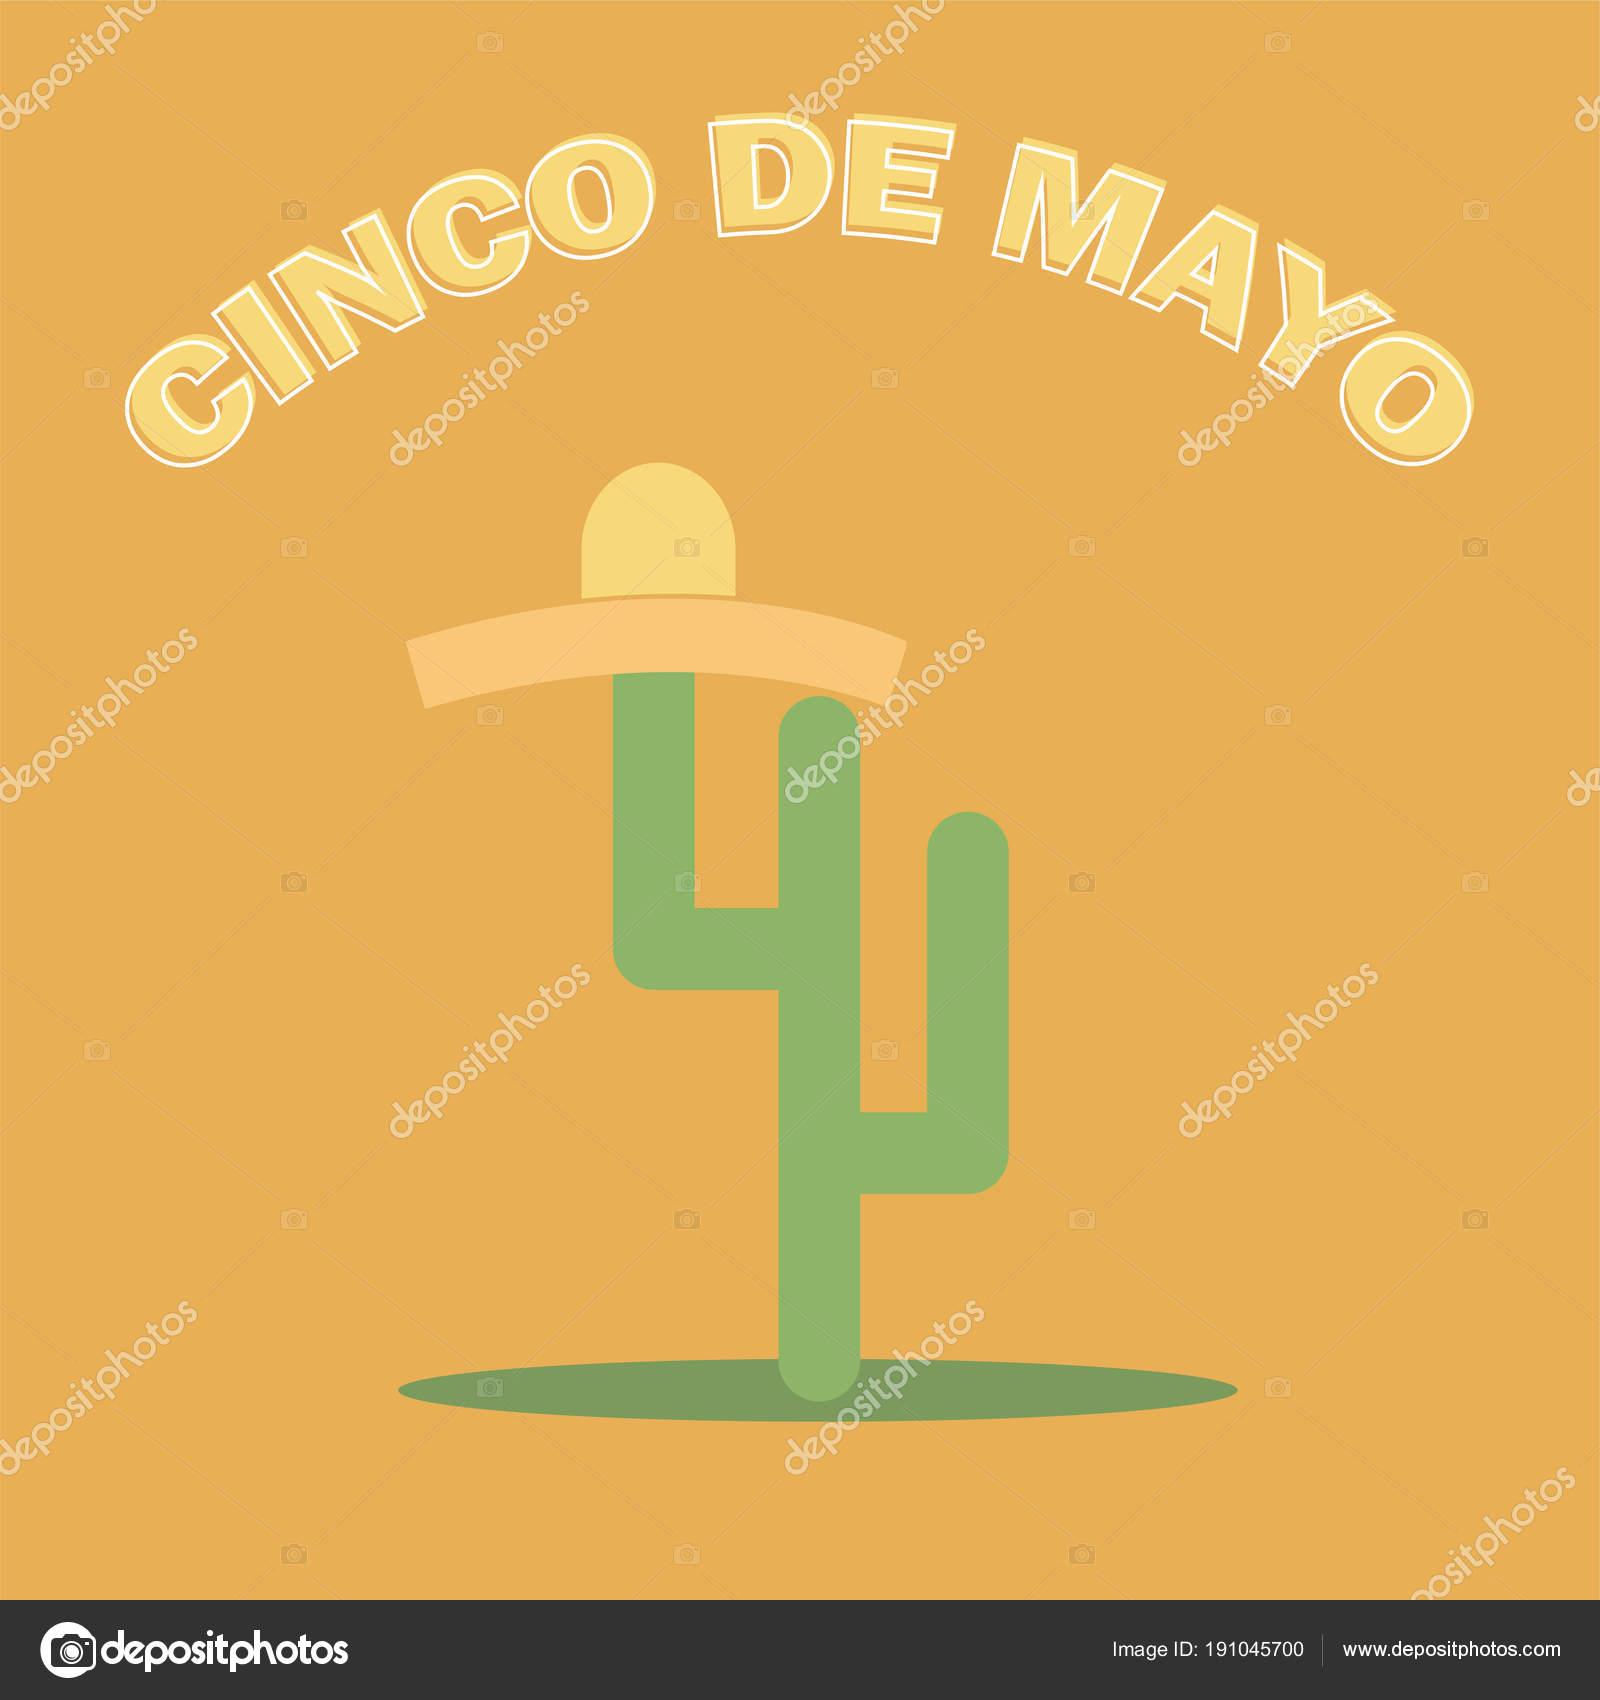 Sombrero de cinco De Mayo y cactus - festiva diseño plano. Para la celebración  mexicana f83ebf4842a